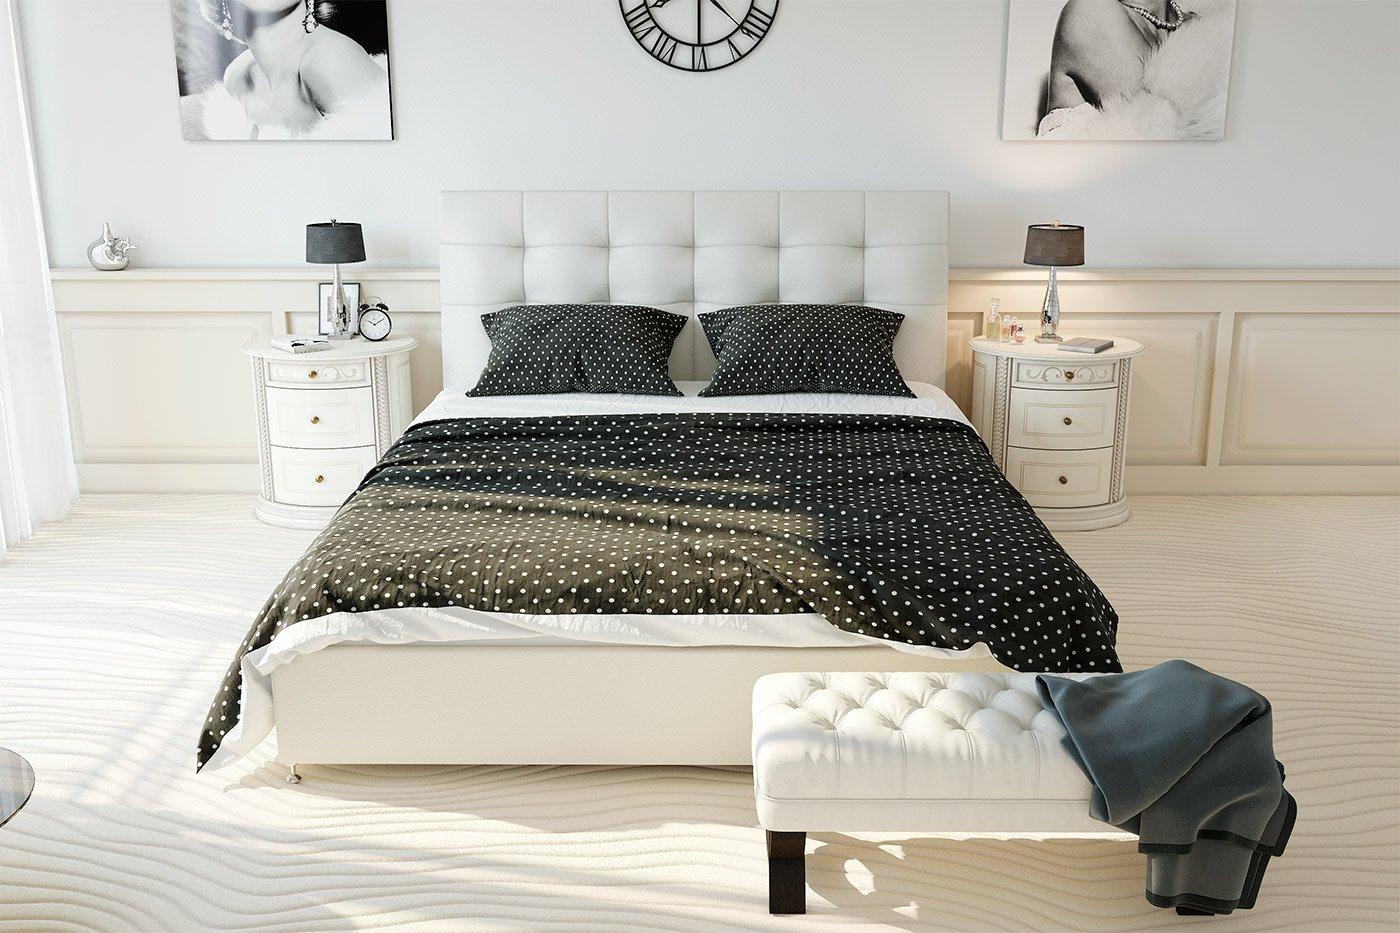 кровать хилдинг андерс россини